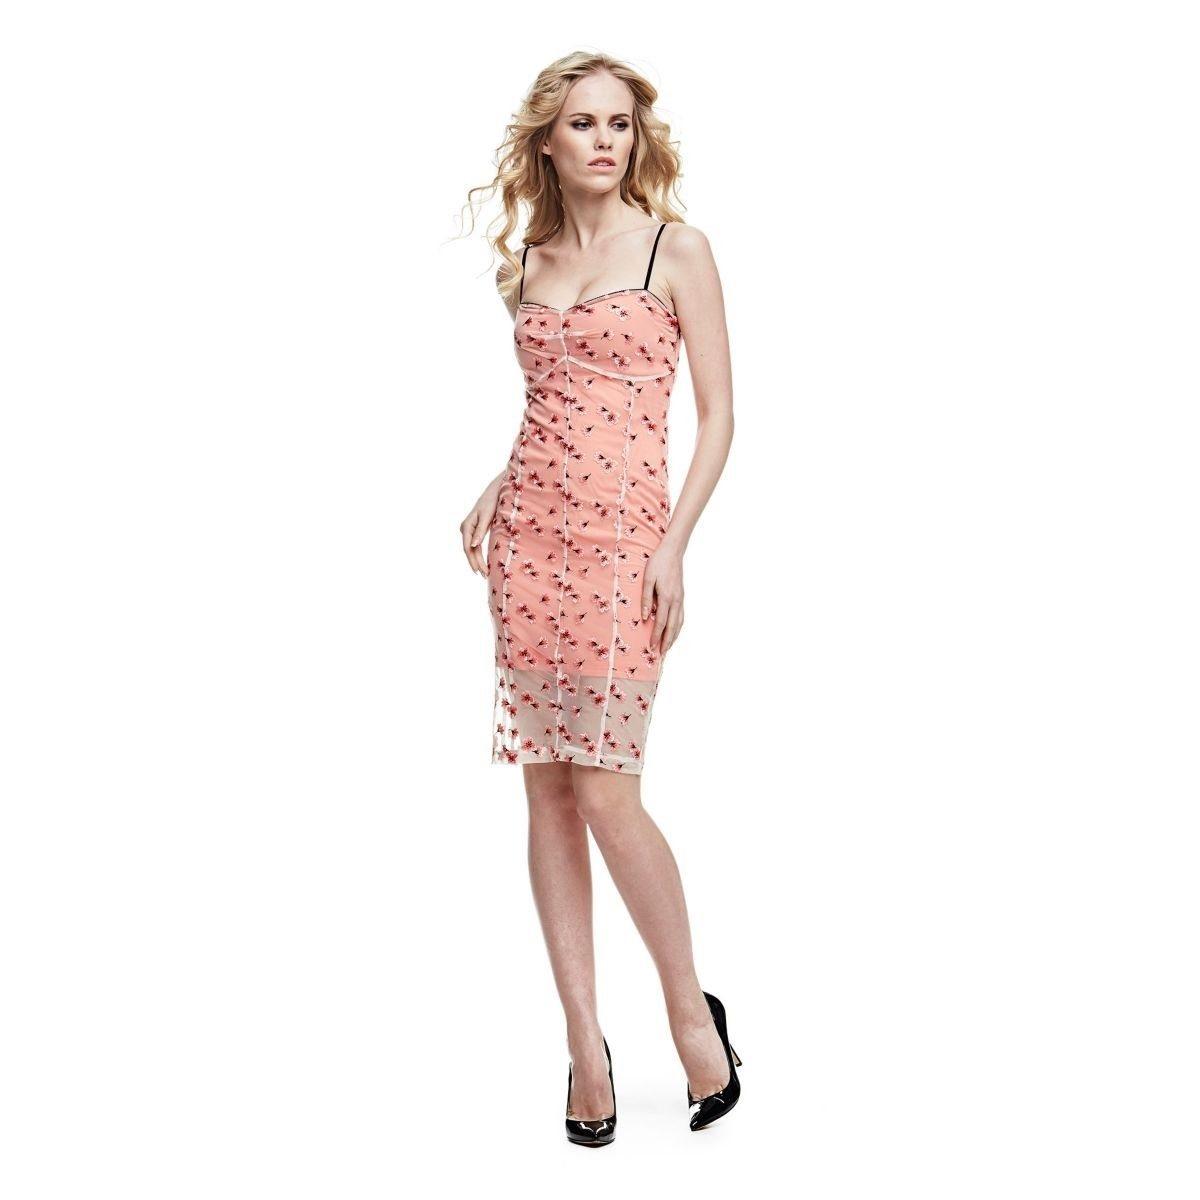 20 Wunderbar Damen Kleider Online Shop Vertrieb Fantastisch Damen Kleider Online Shop Bester Preis